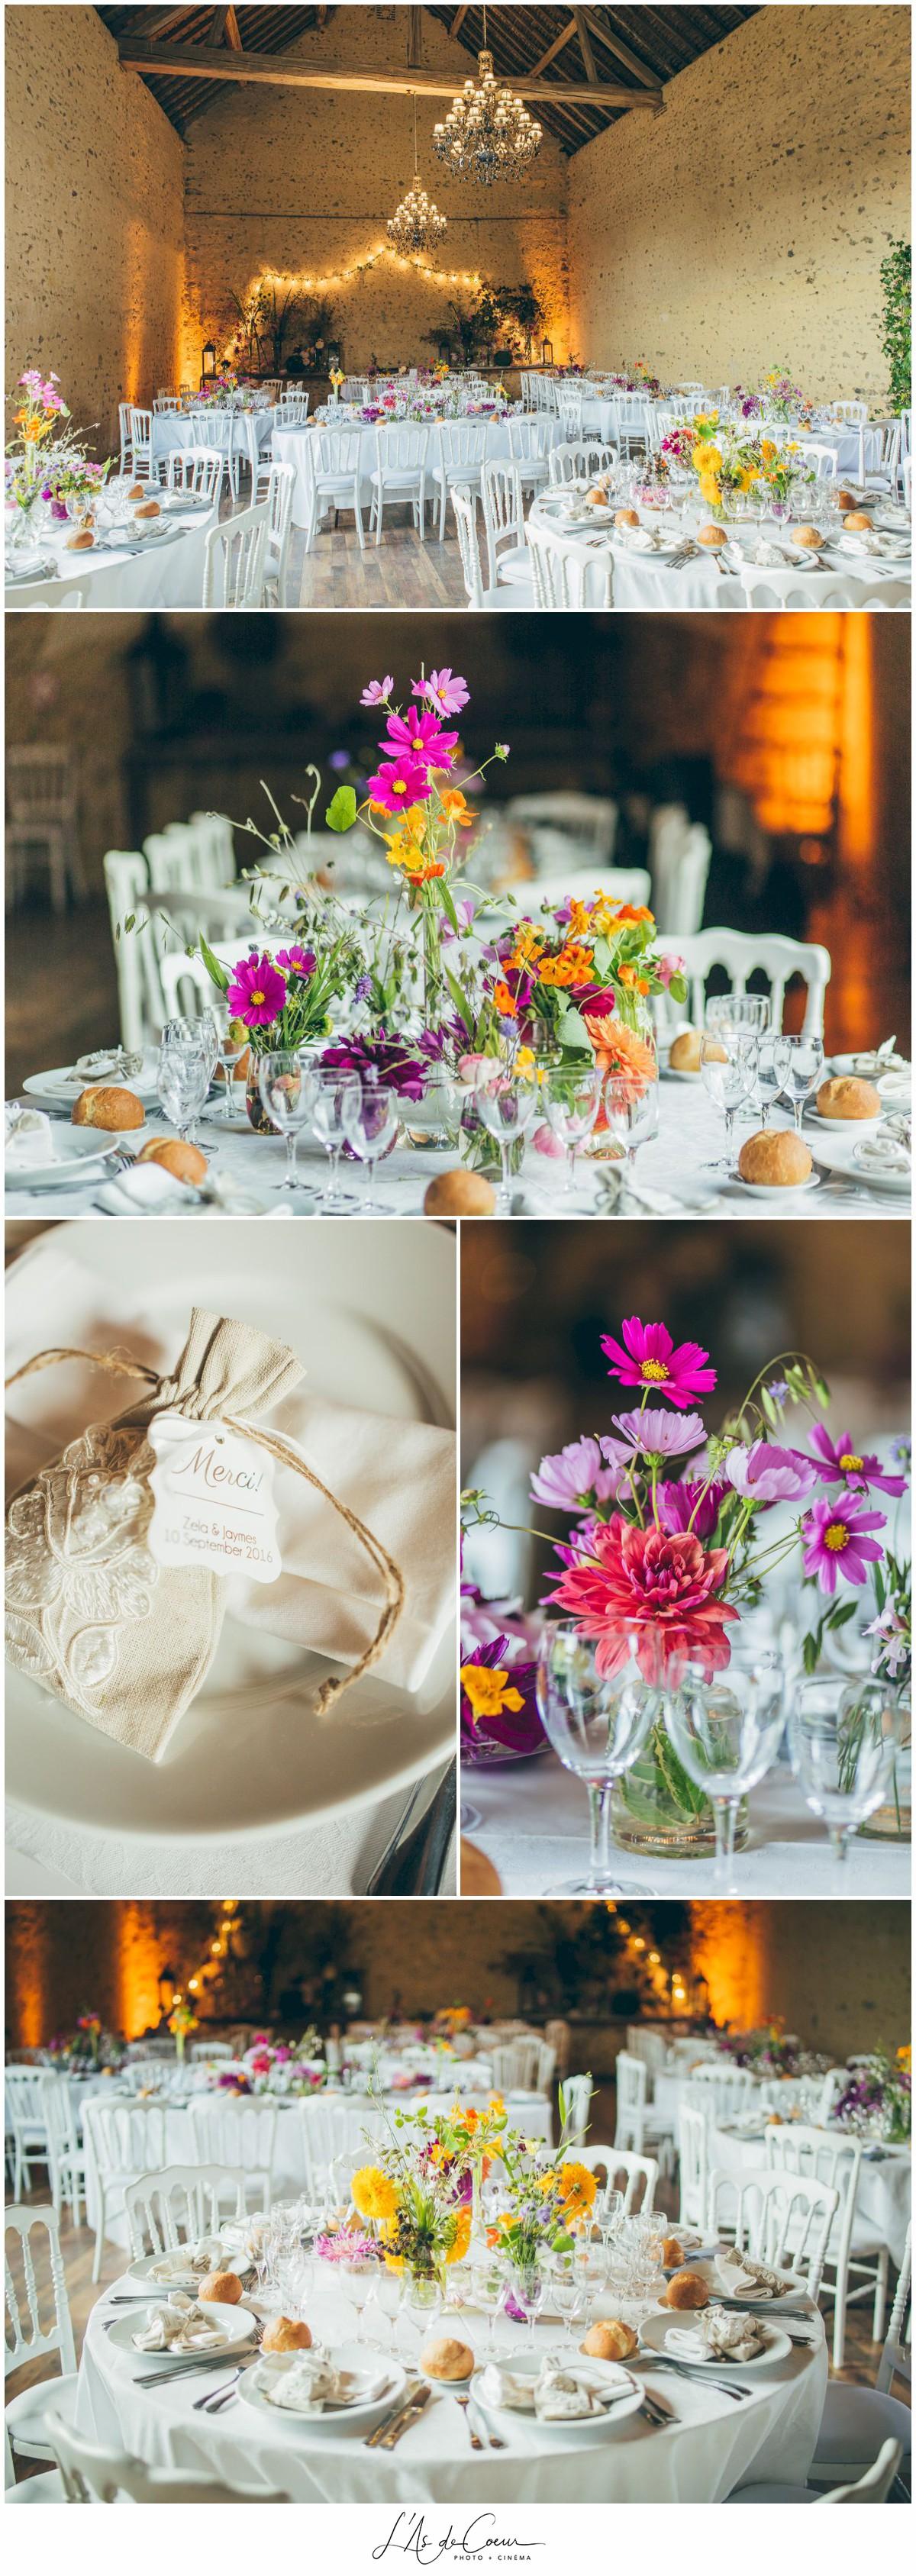 deco champetre chic mariage au Domaine des Evis ©lasdecoeurphoto